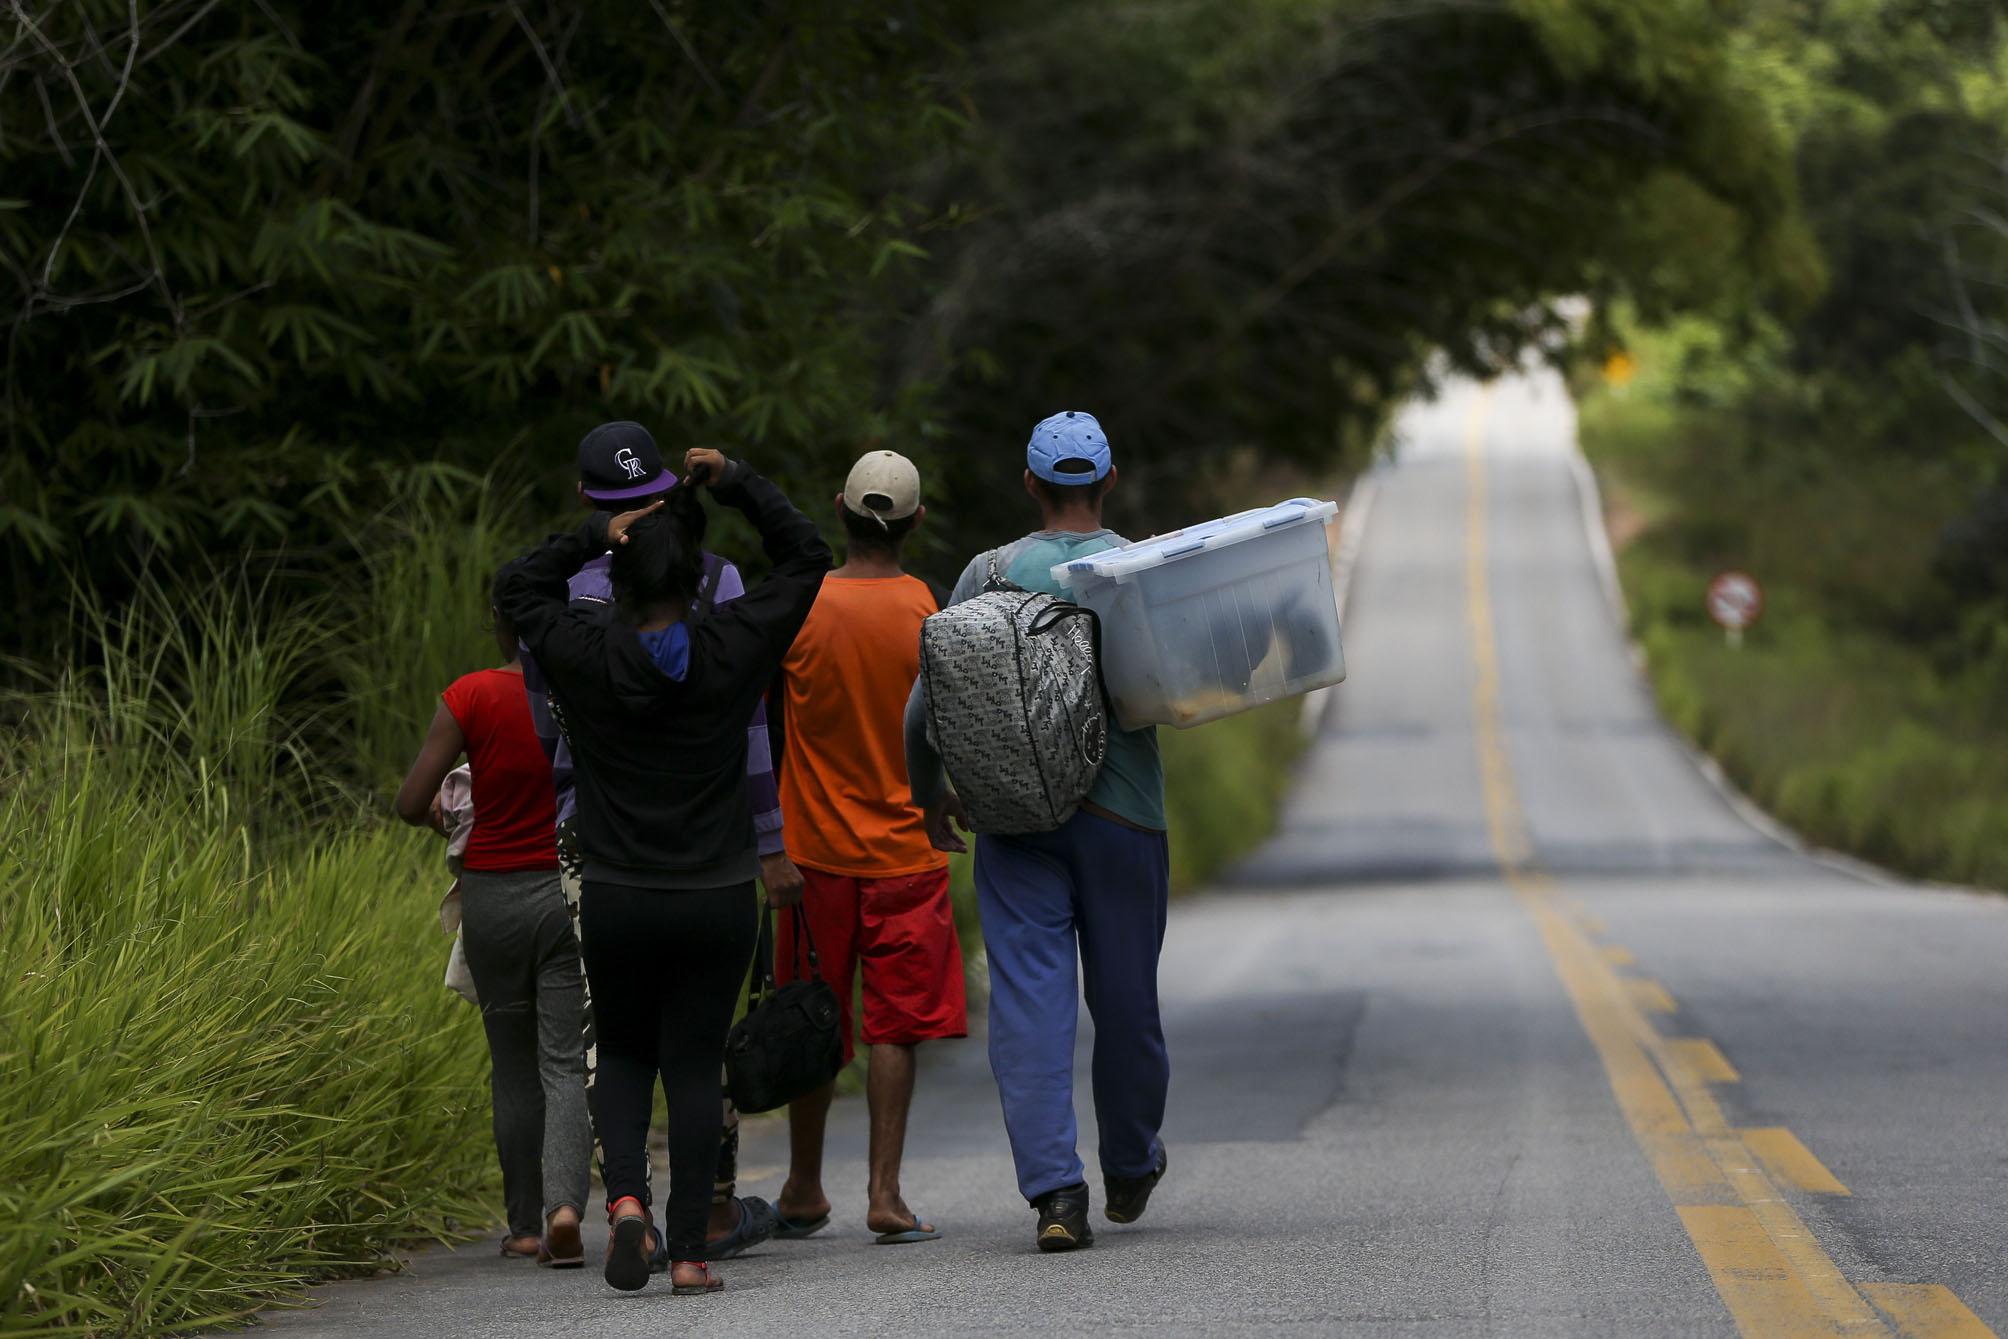 Grupo de migrantes venezuelanos percorre a pé o trecho de 215 km entre as cidades de Pacaraima e Boa Vista (Foto: Marcelo Camargo/Ag. Brasil)